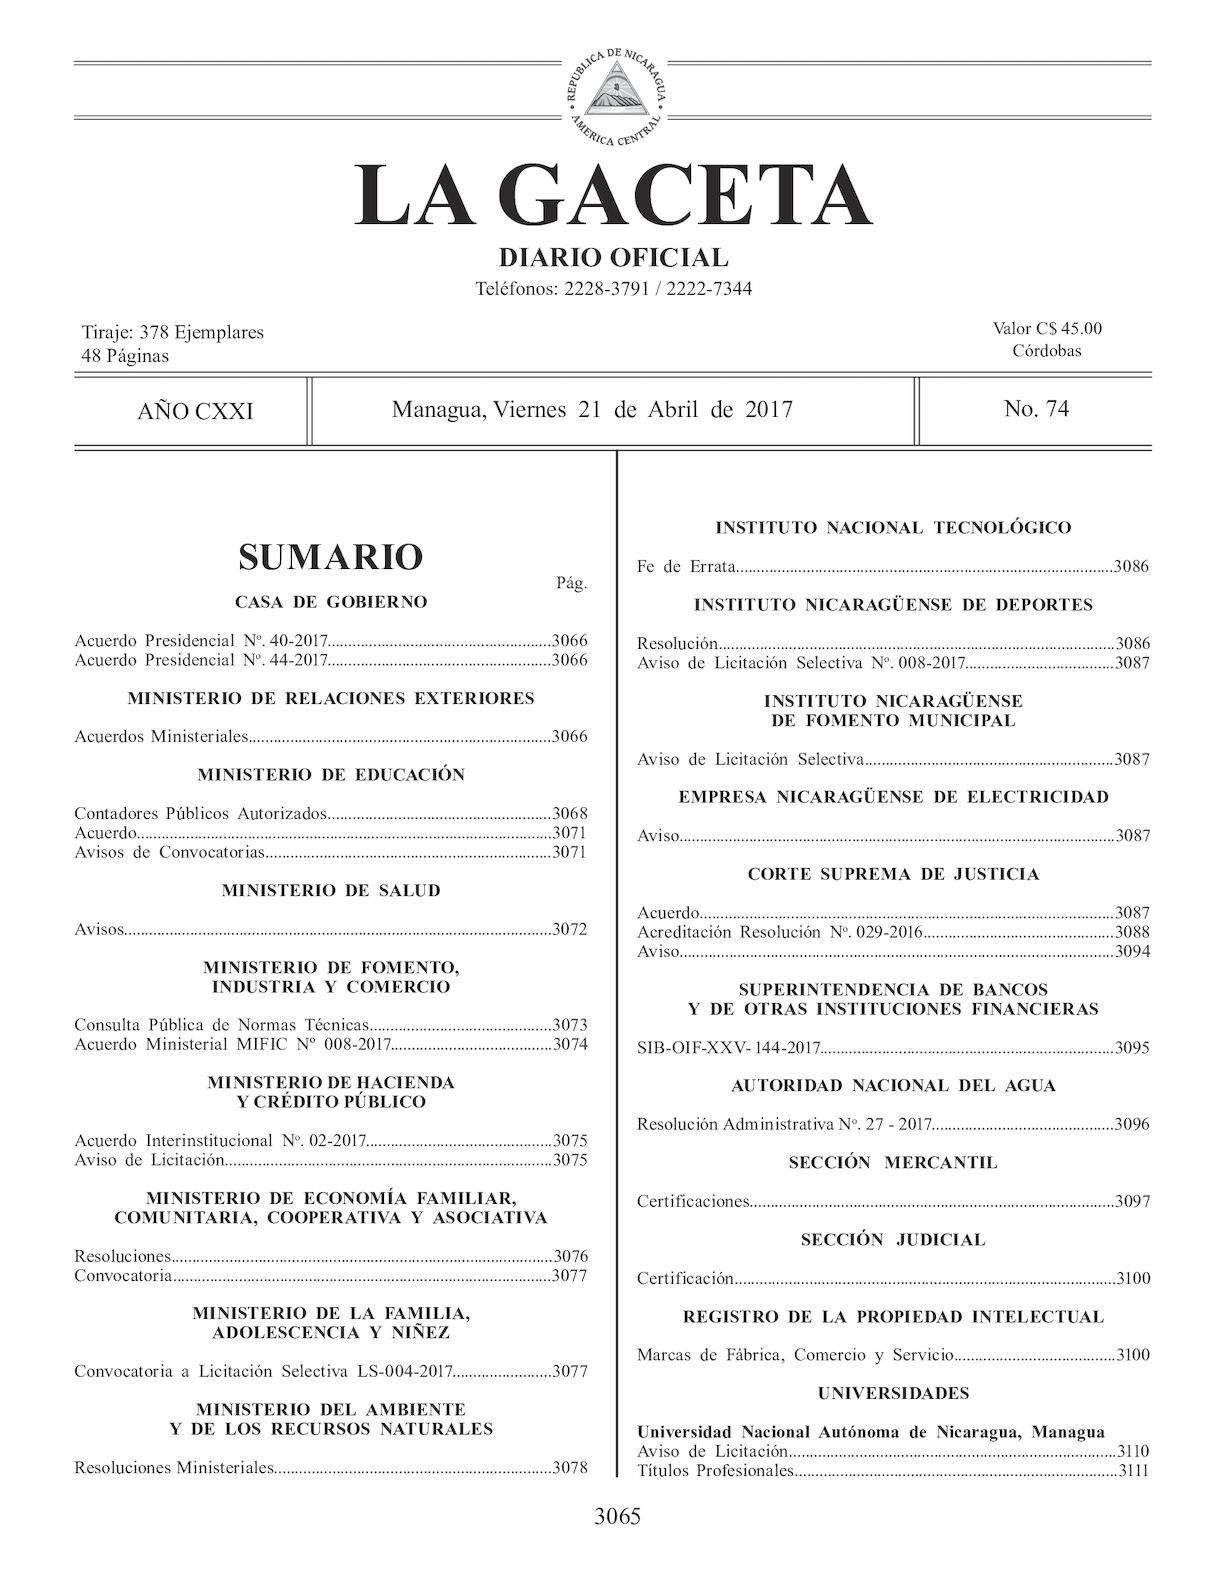 Gaceta No 74 Viernes 21 De Abril De 2017